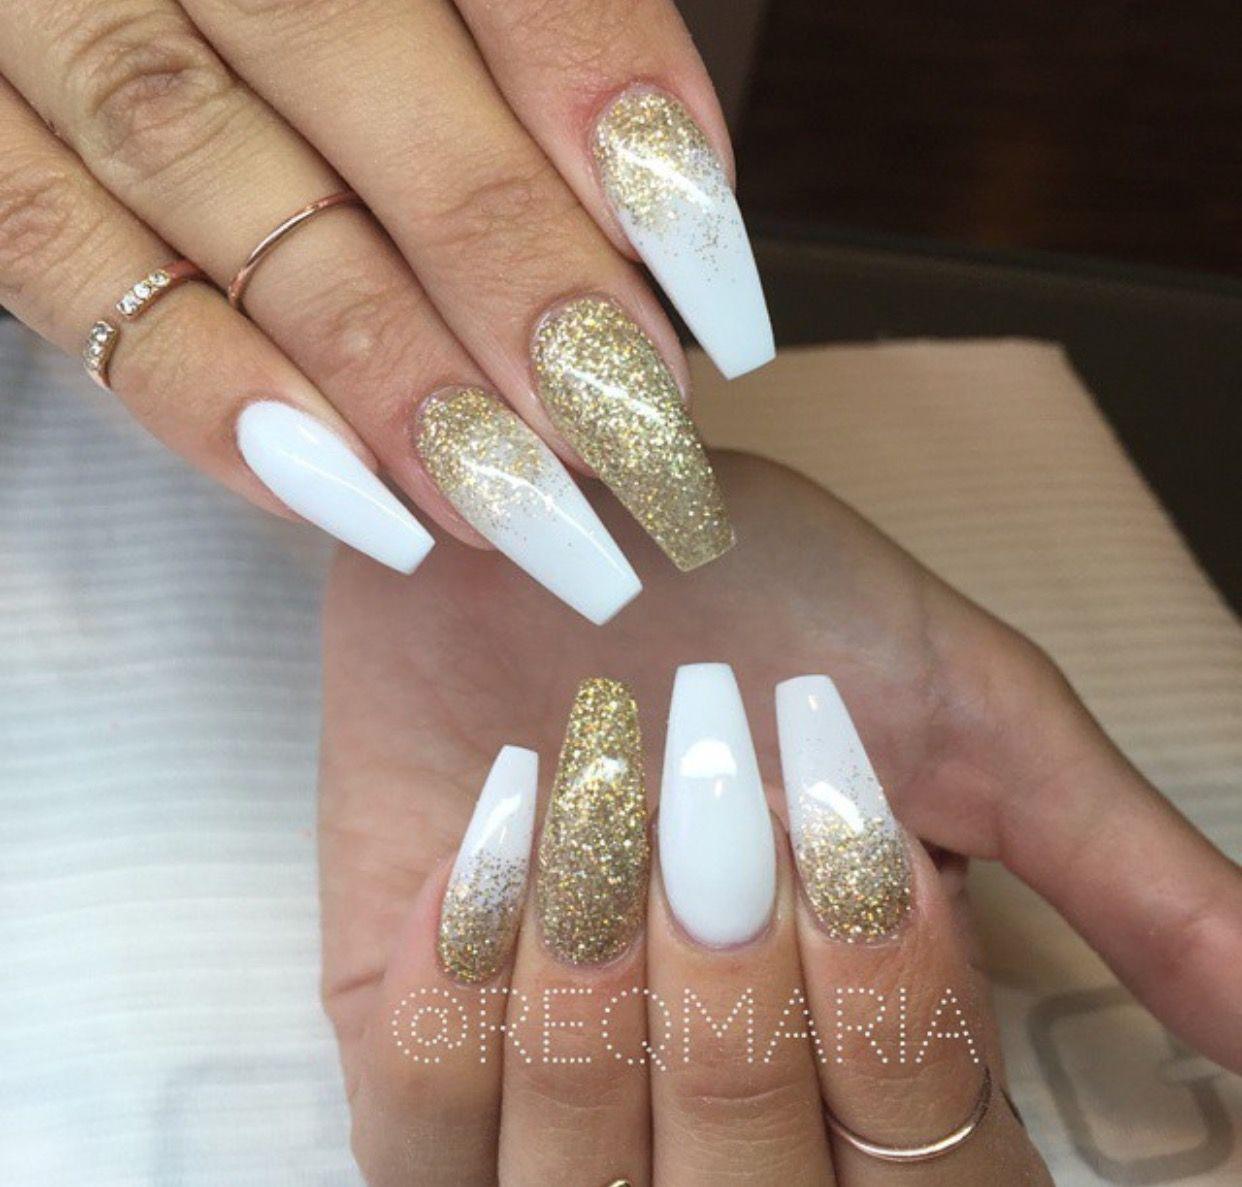 Pin en Nail Party | Pinterest | Diseños de uñas, Arte de uñas y Unas ...